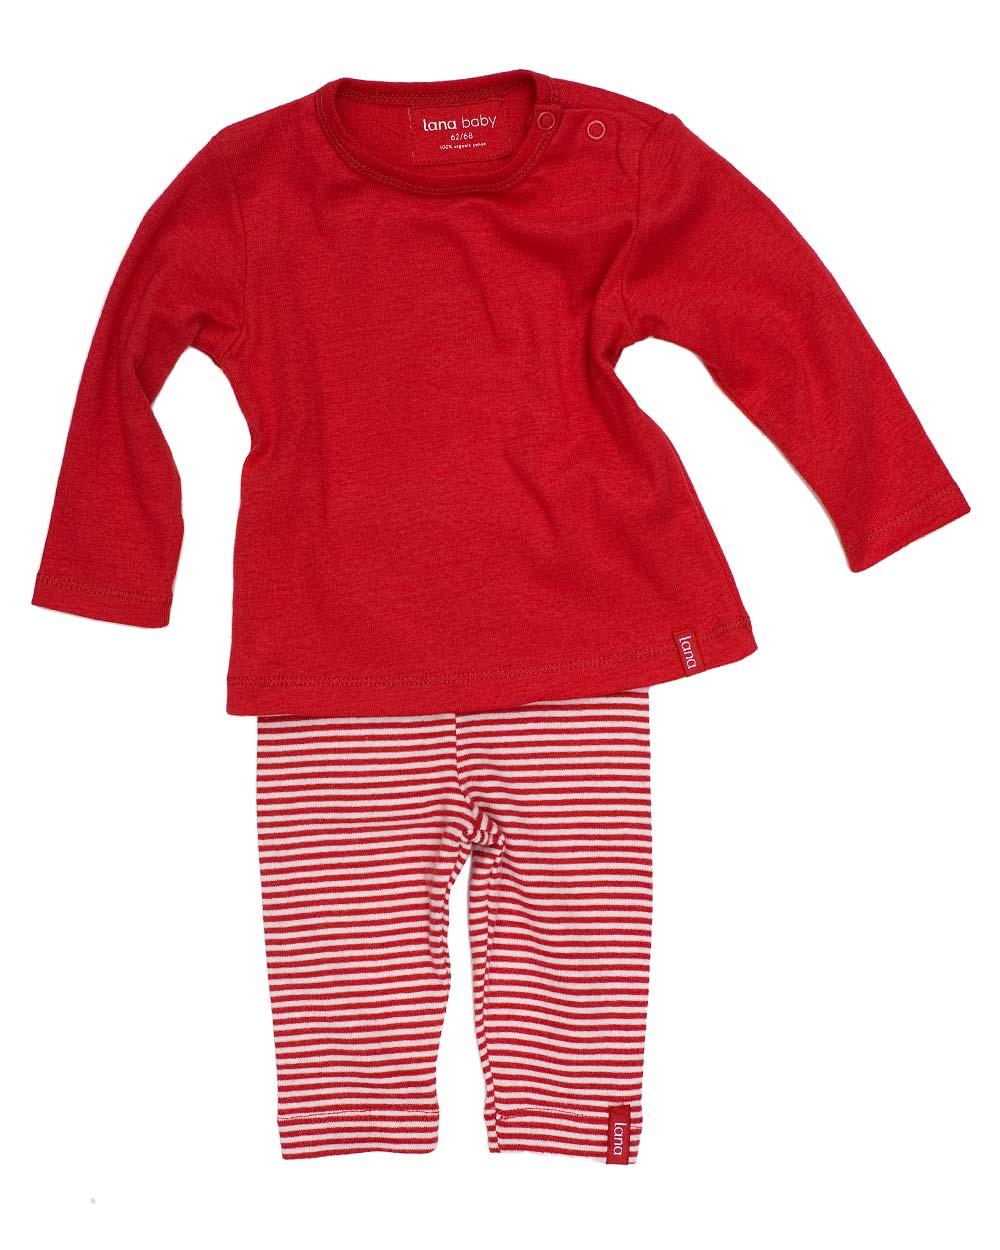 Baby Leggings Paula, Lana, 100% Baumwolle (kbA), 2 Farben